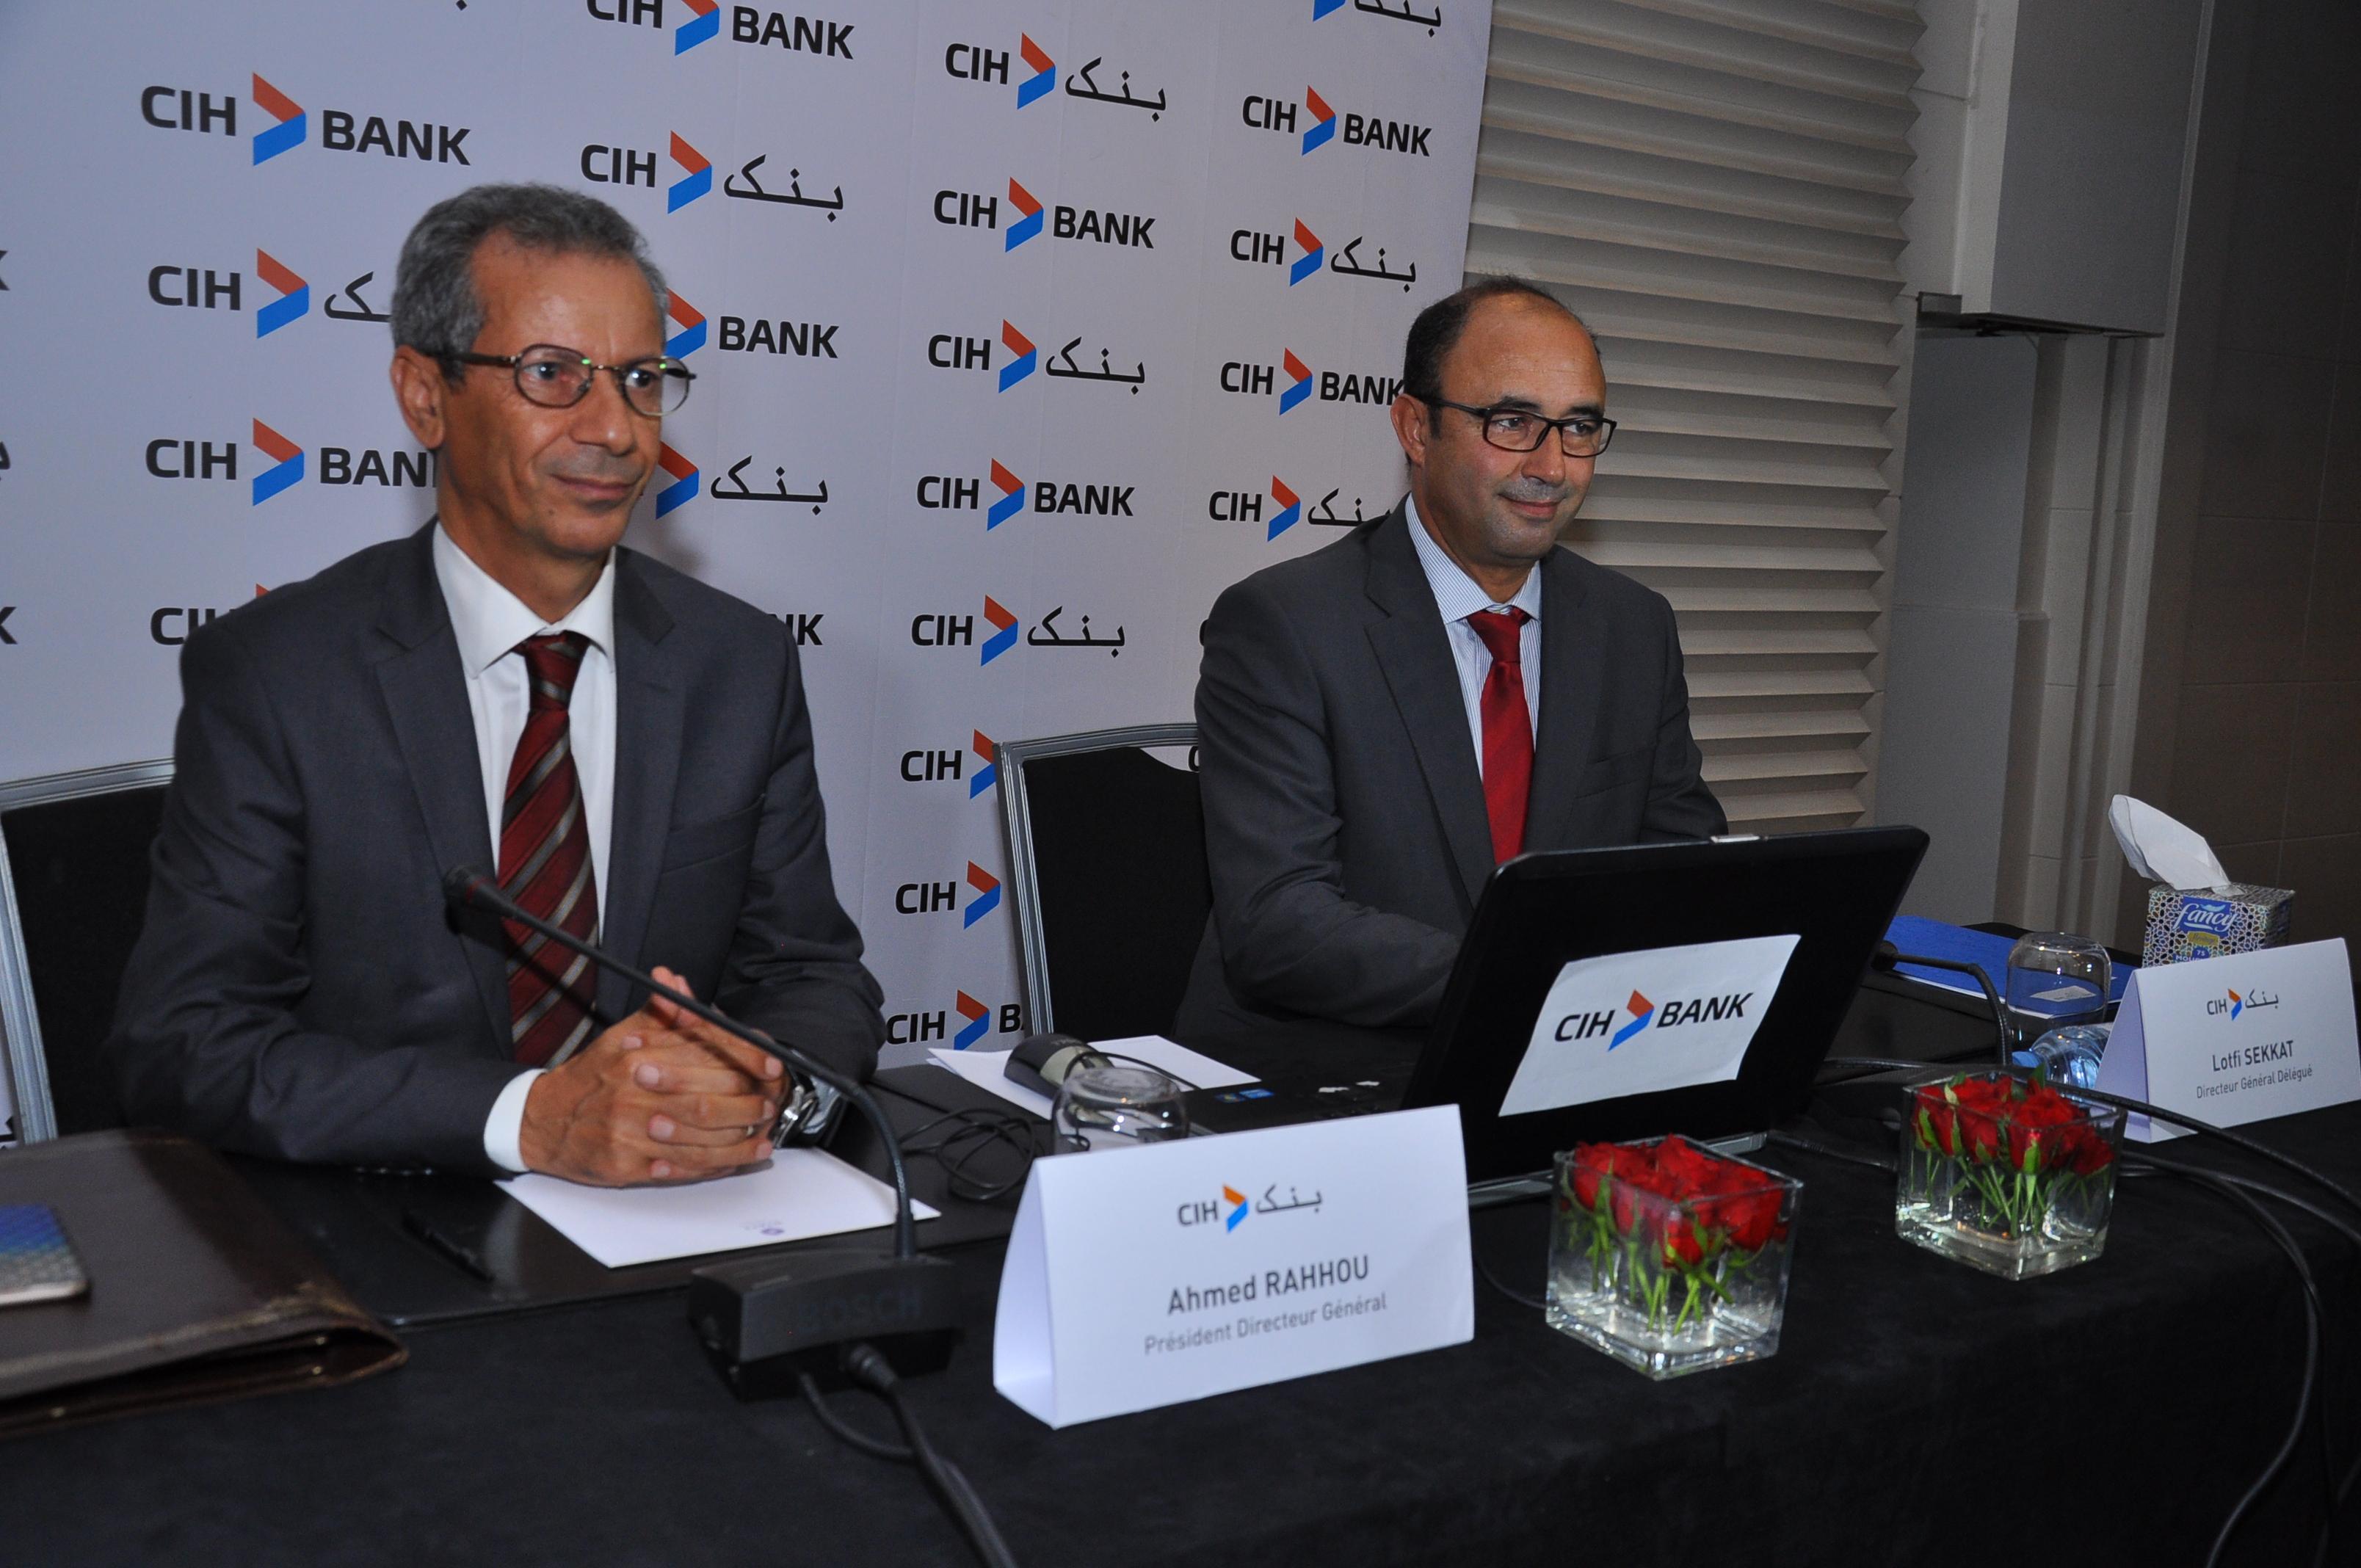 CIH Bank : Rahhou démissionne, Sekkat prend ses fonctions